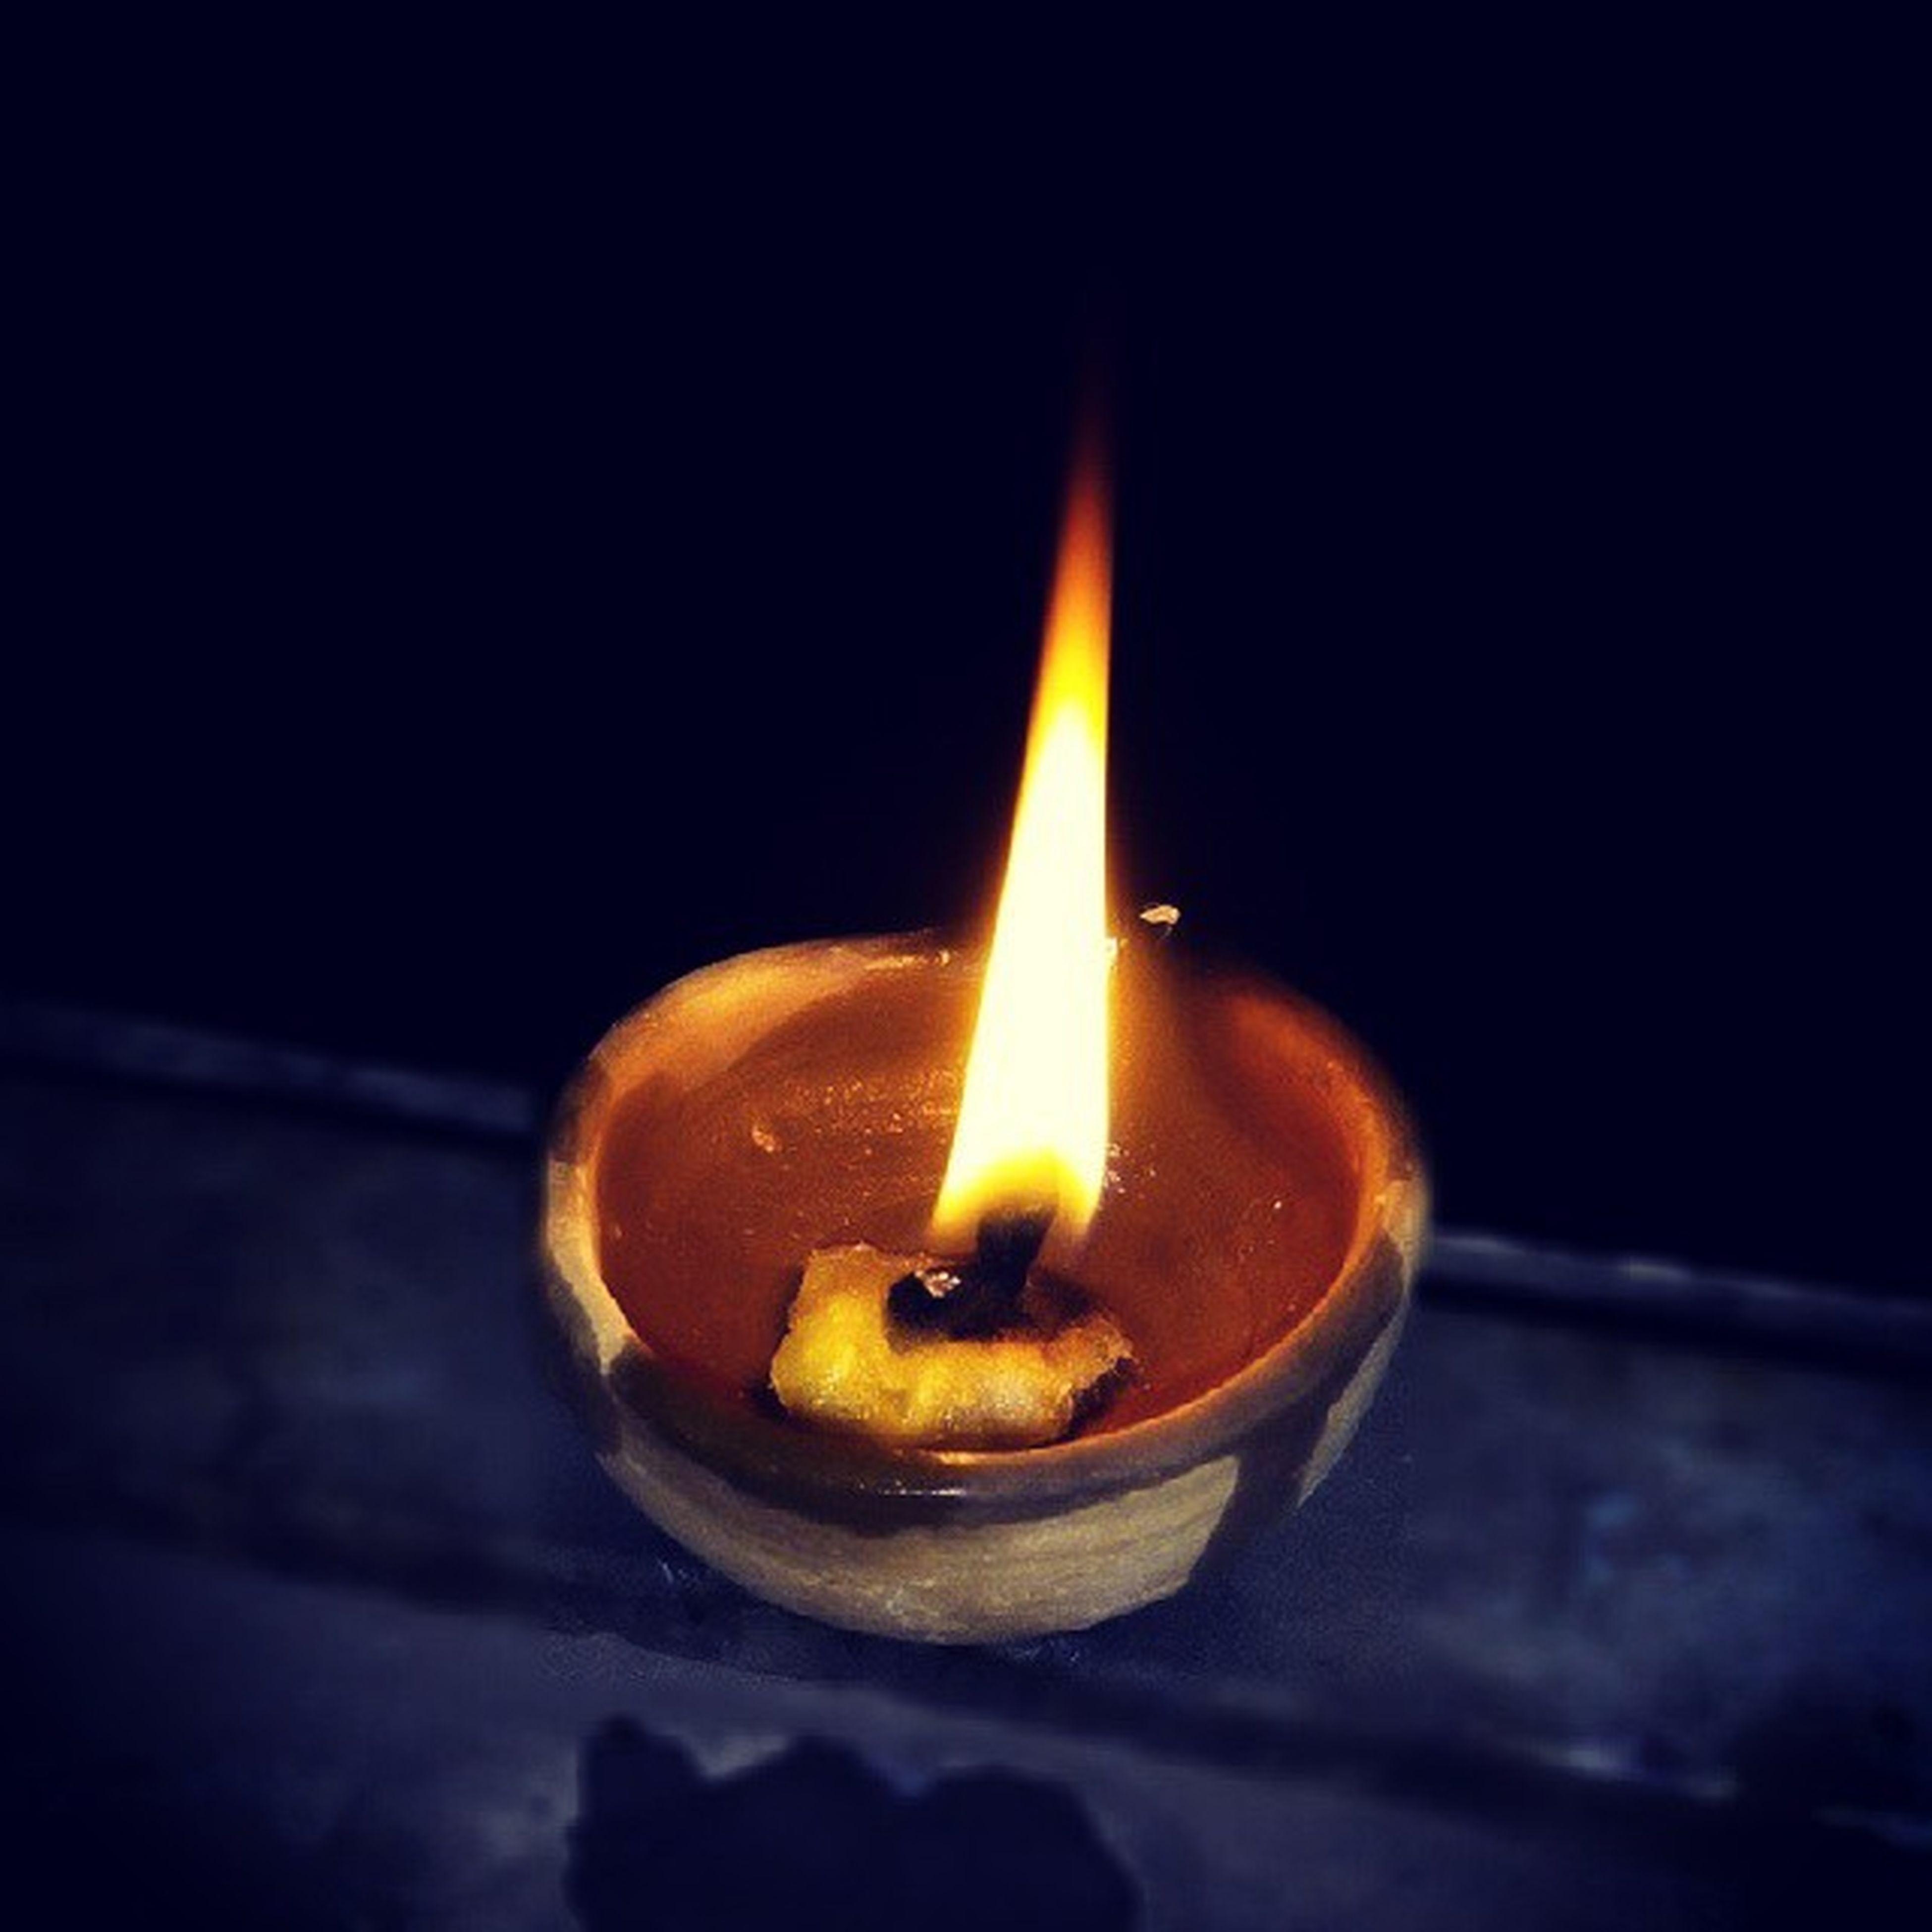 Happydiwali DiwaliPhoto DiwaliThroughPhoneCamera